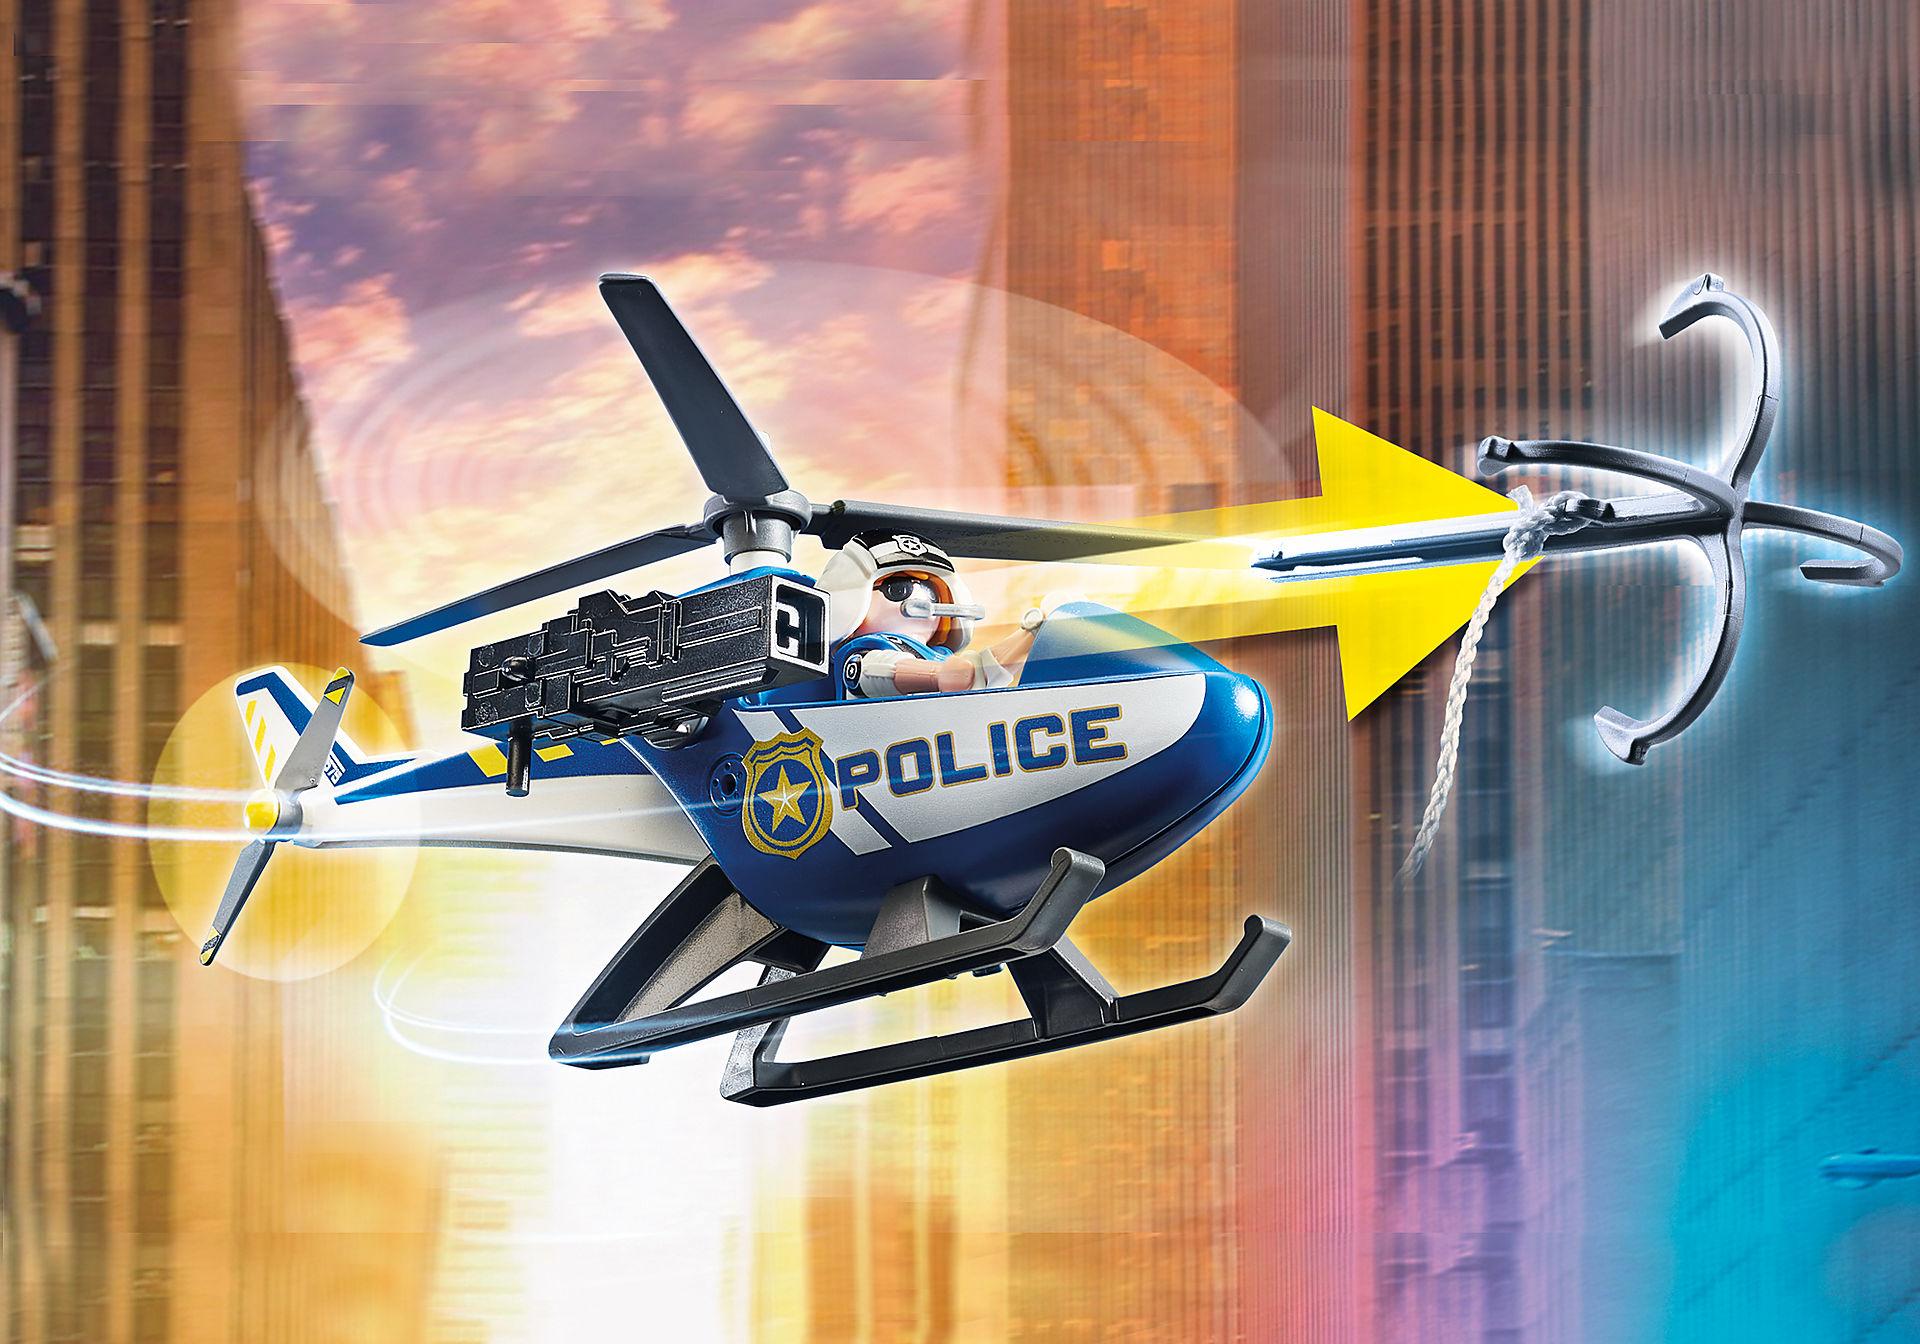 70575 Helicóptero de Policía: persecución del vehículo huido zoom image6